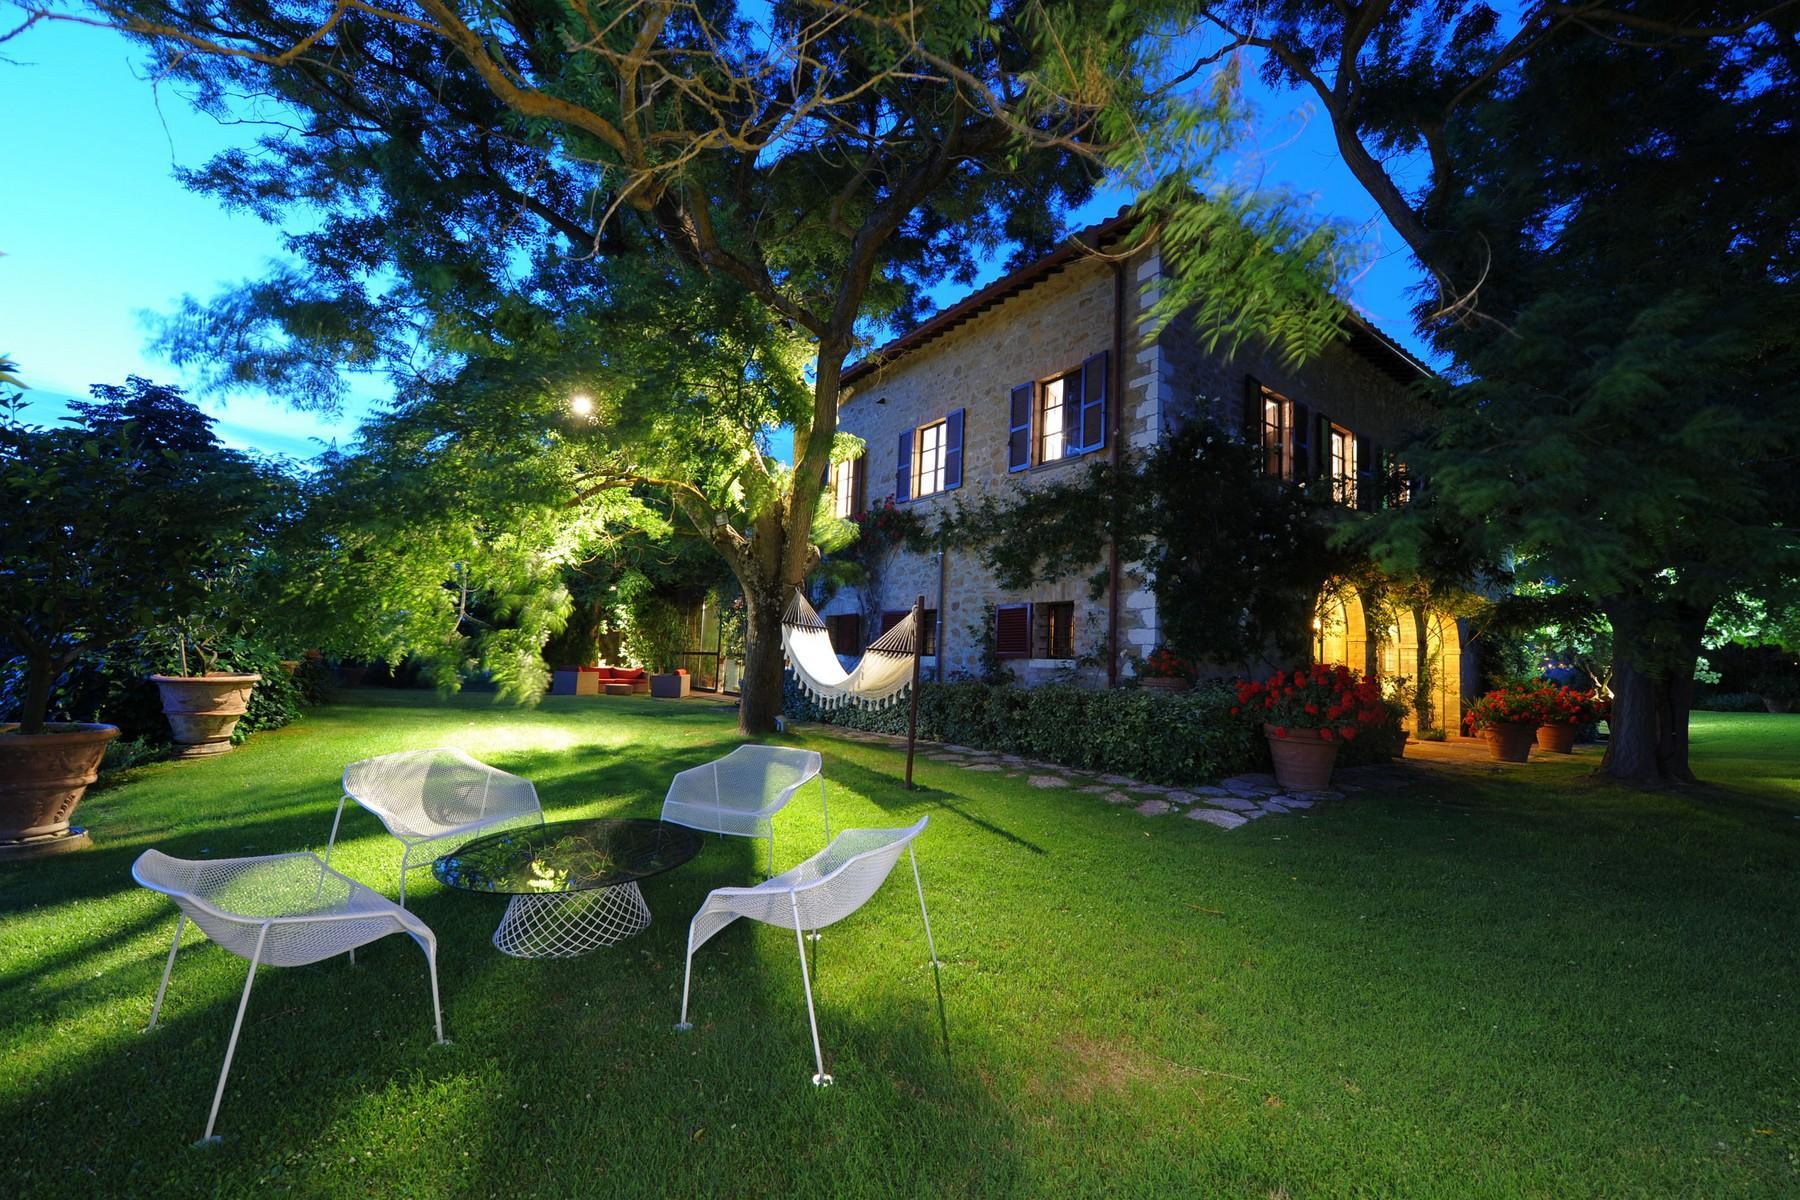 Superbe propriété avec jardin d'hiver, court de tennis et piscine - 1